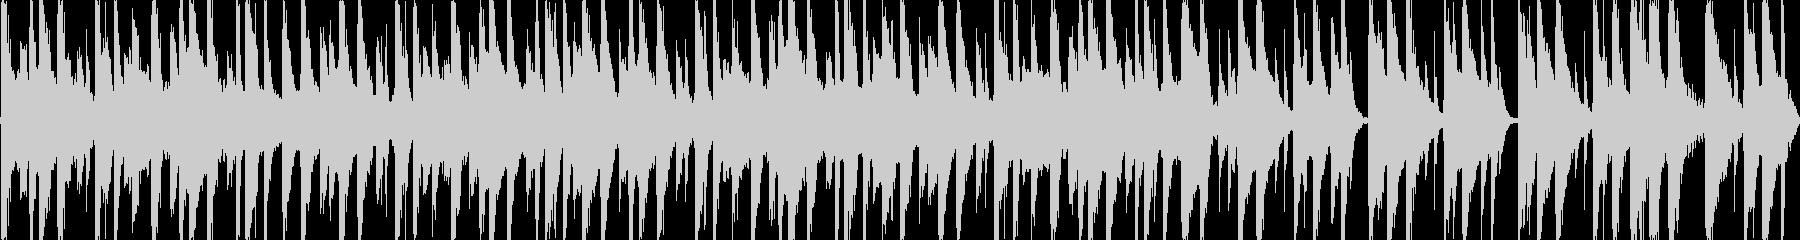 さすらいのBGMの未再生の波形